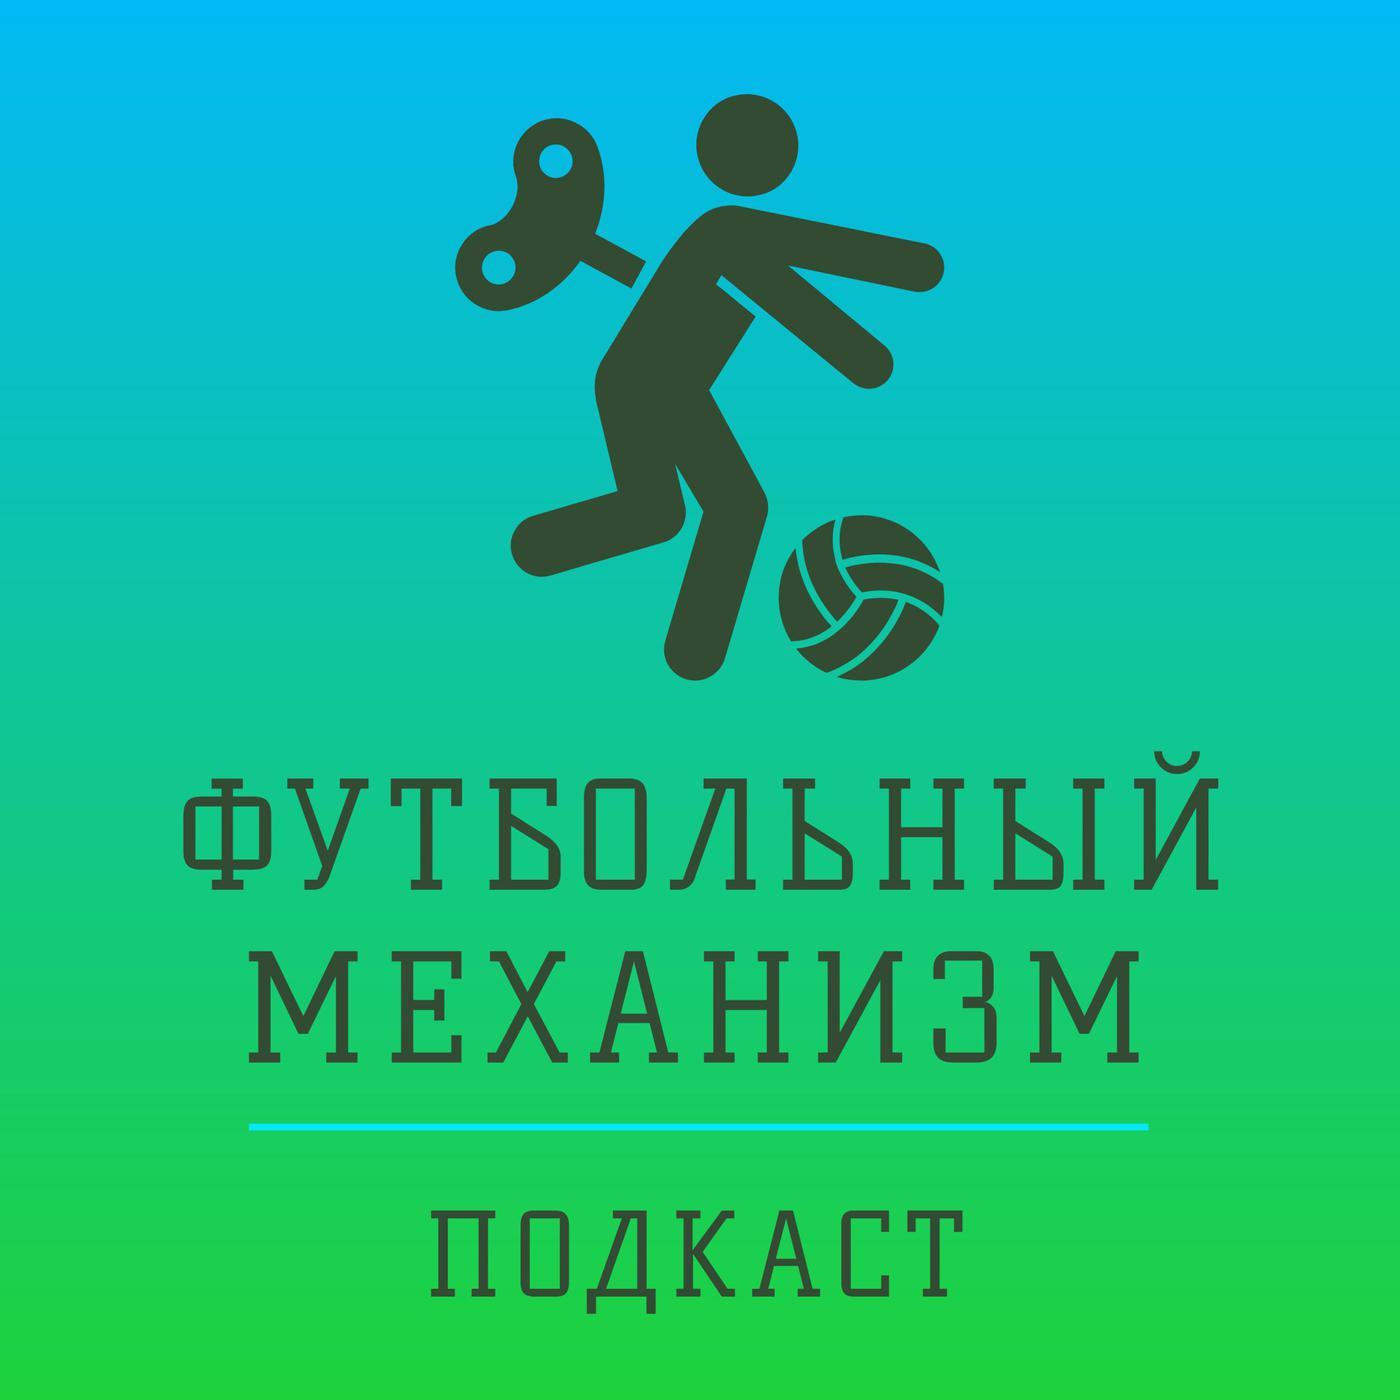 Футбольный клуб локомотив москва работа клубы брянска ночные